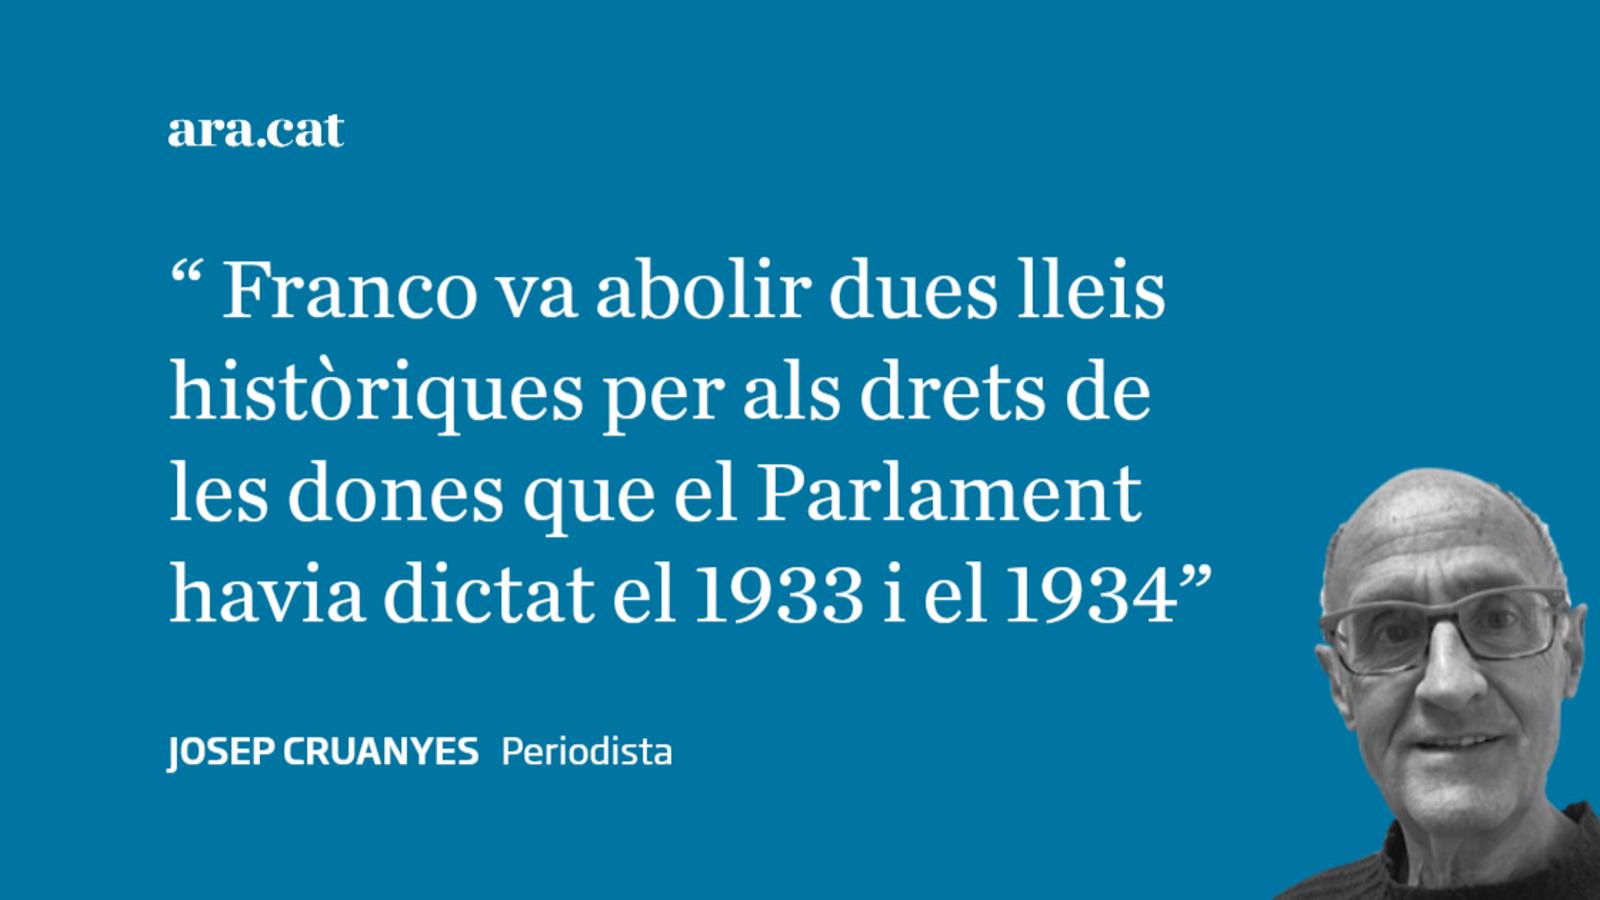 Fa 80 anys les dones catalanes van perdre els drets